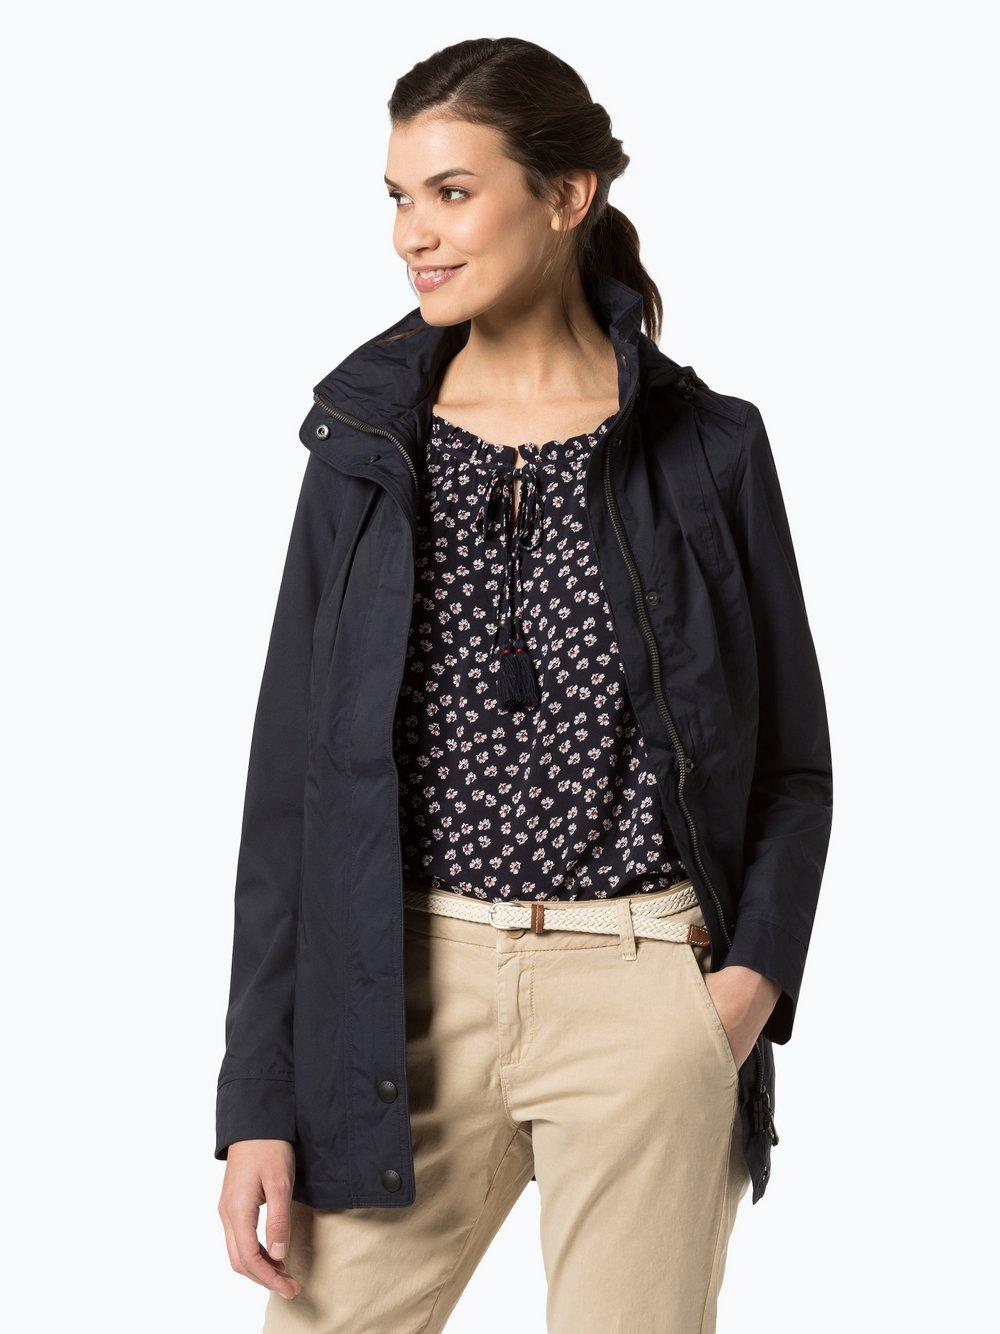 Wellensteyn Damen Funktionsjacke Tousjours online kaufen